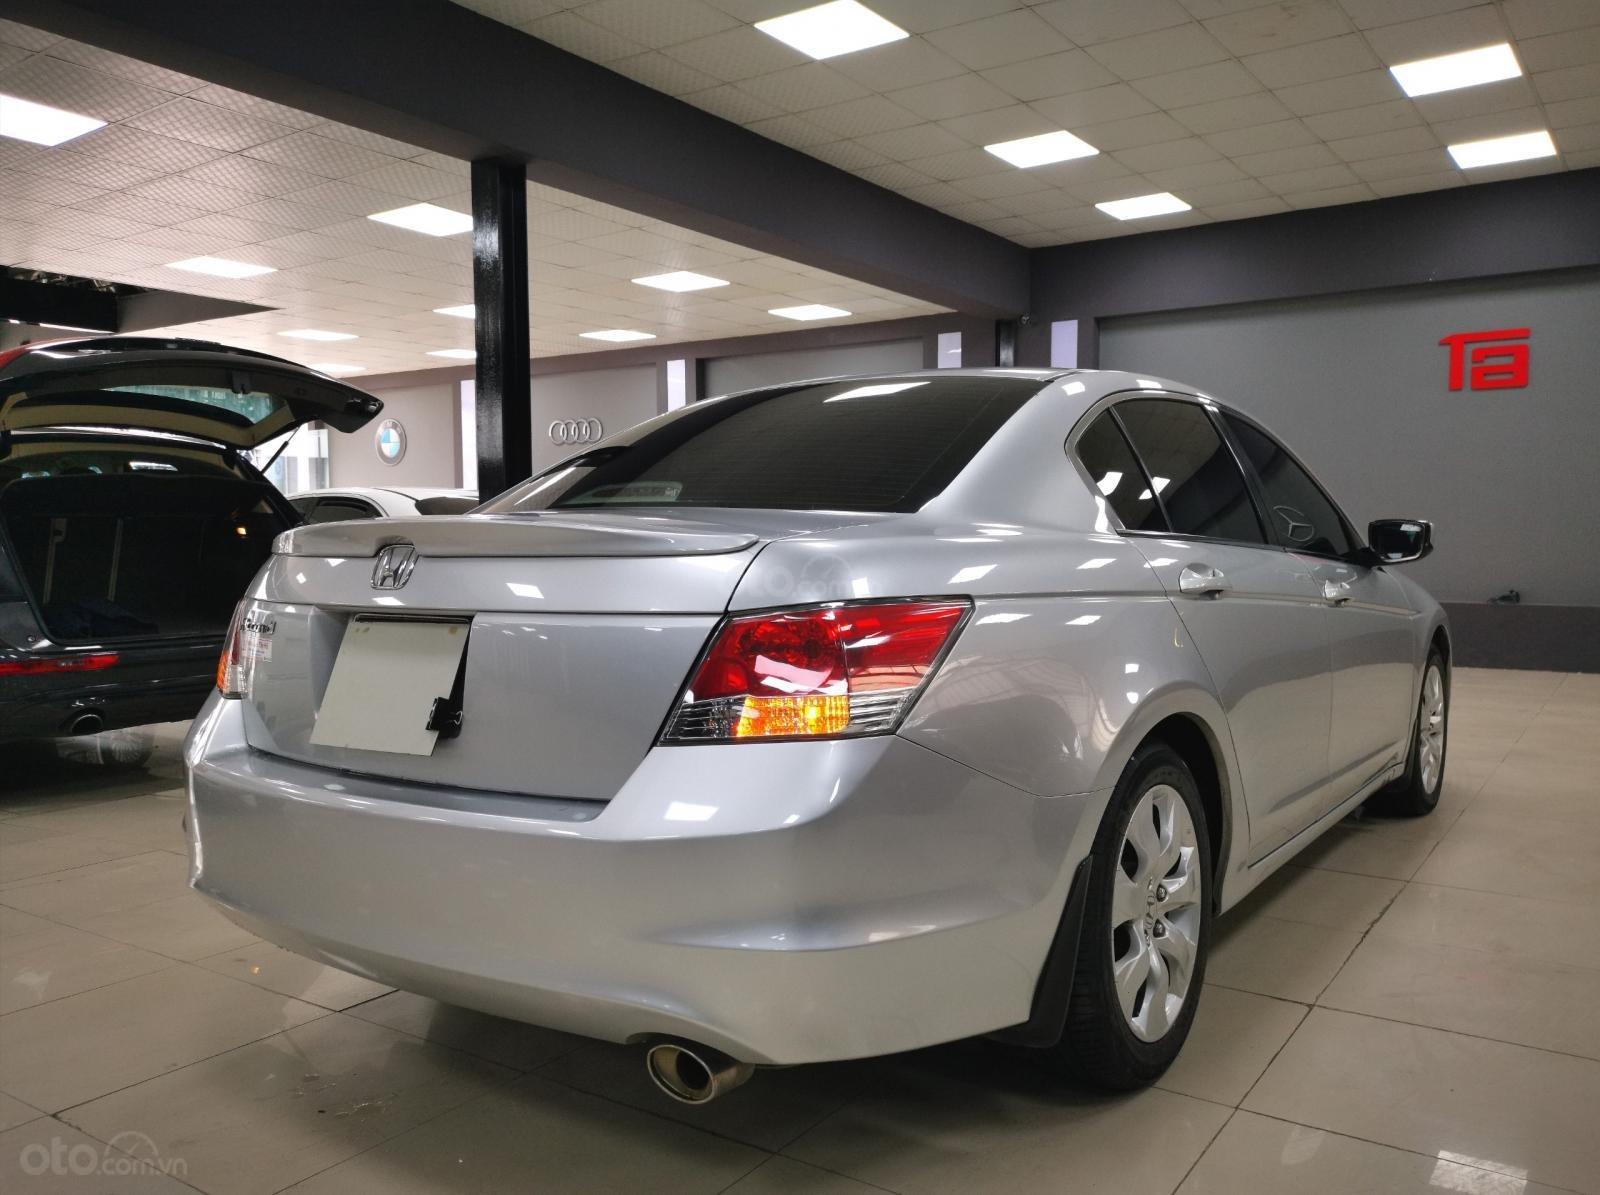 Bán nhanh với giá thấp chiếc Honda Accord sản xuất năm 2007 (4)